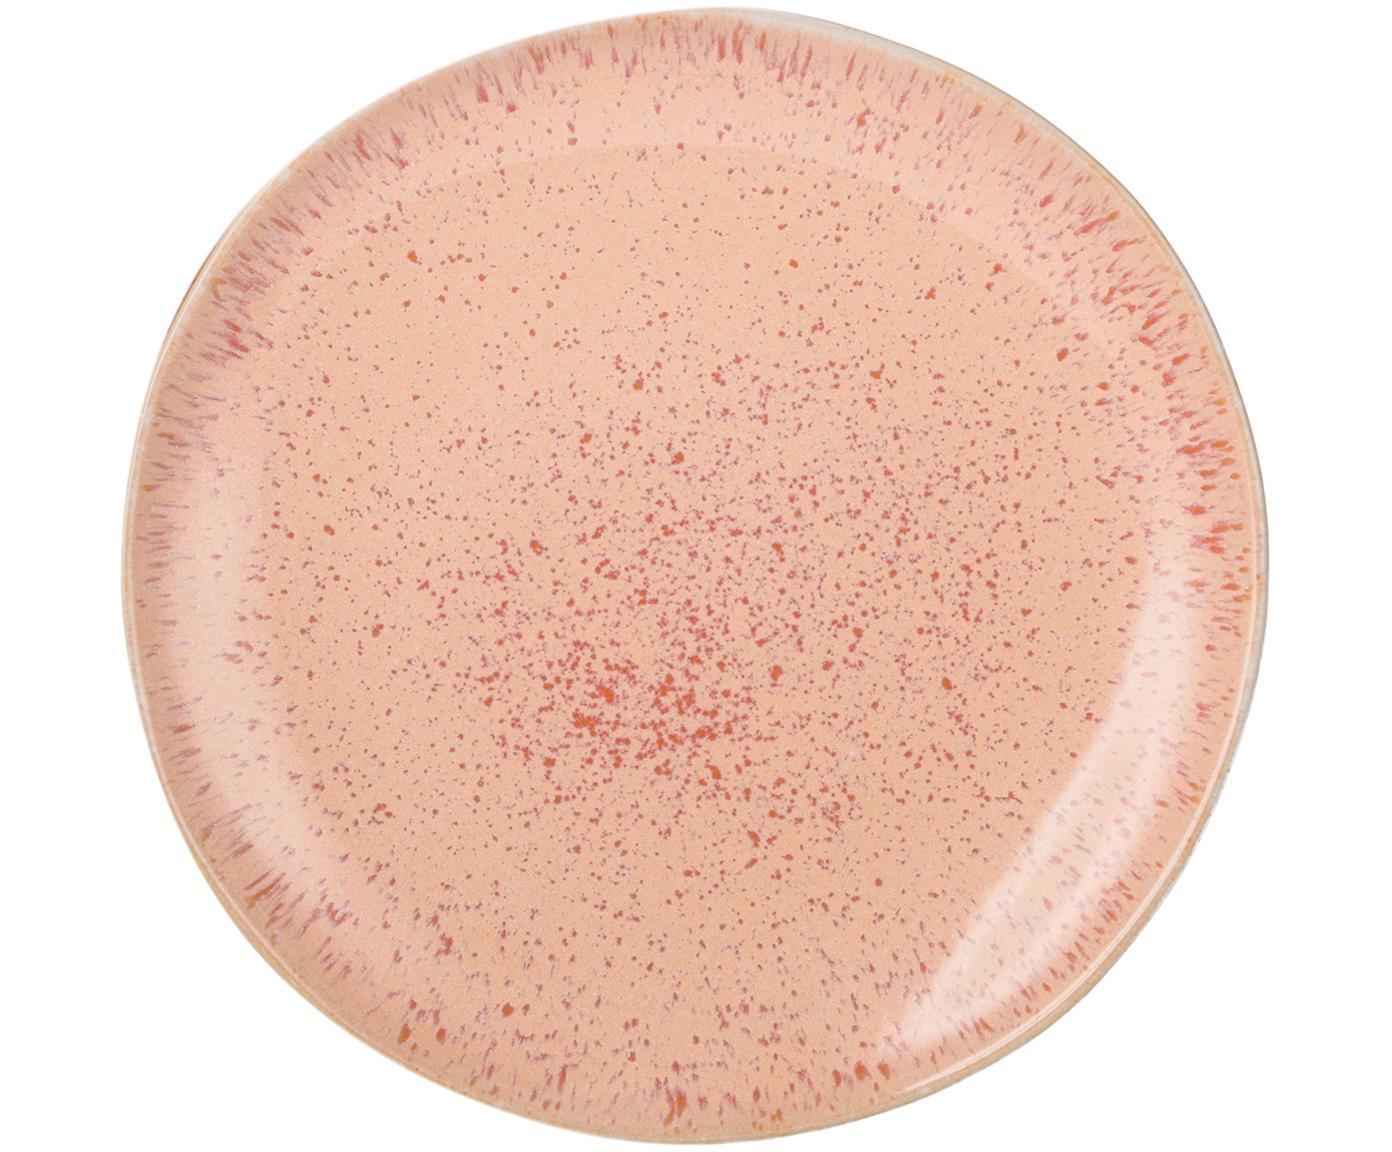 Piatto da colazione dipinto a mano Areia 2 pz, Gres, Tonalità rosse, bianco latteo, beige chiaro, Ø 22 cm